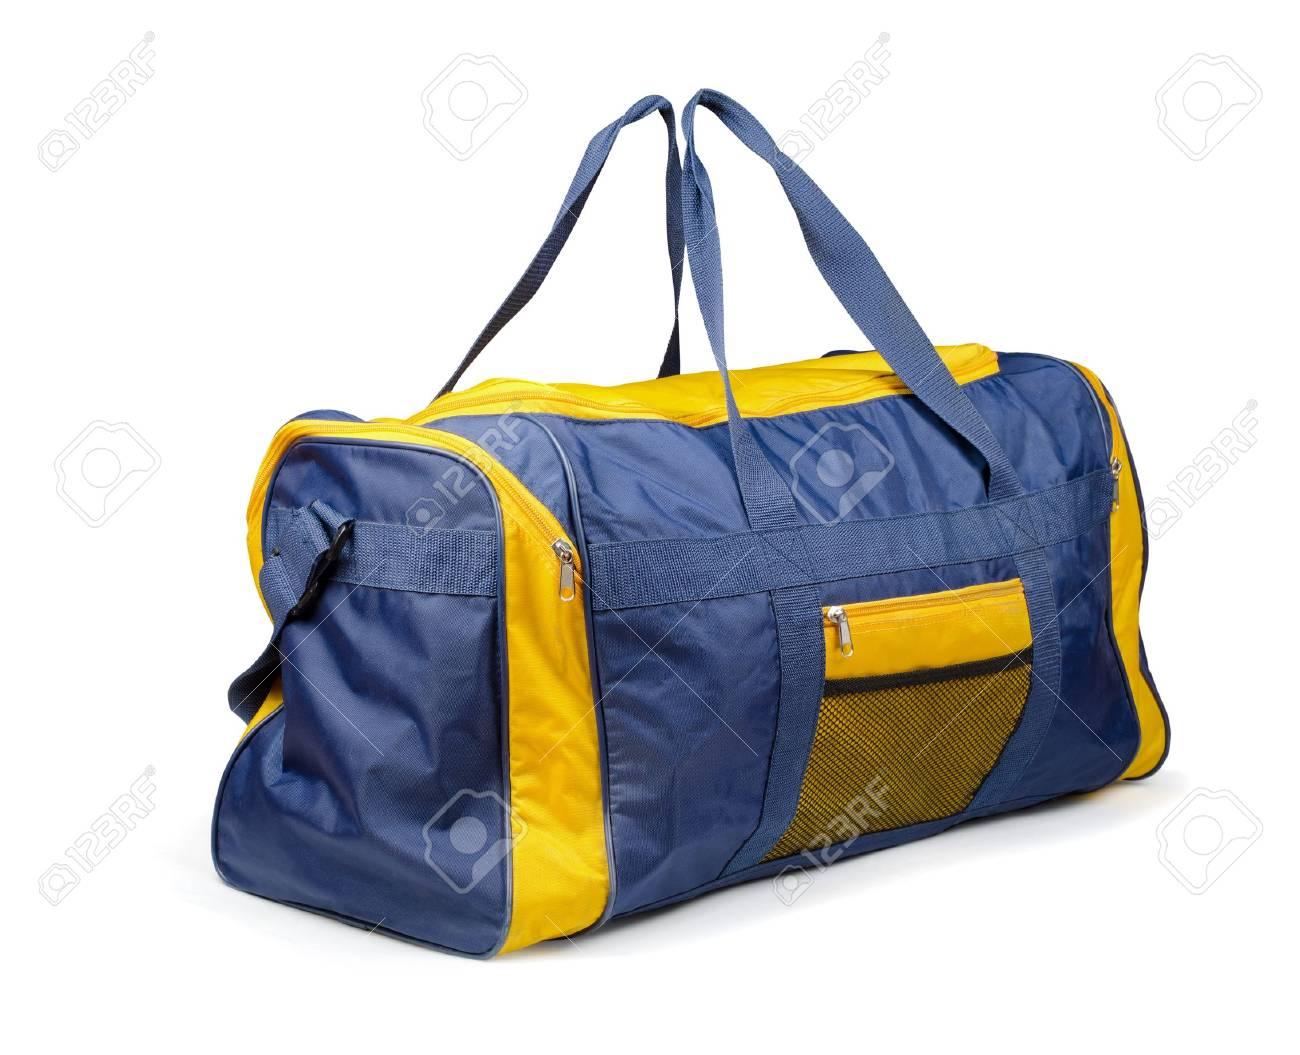 938bc2bd299 Large nylon sports bag isolated on white Stock Photo - 20946378